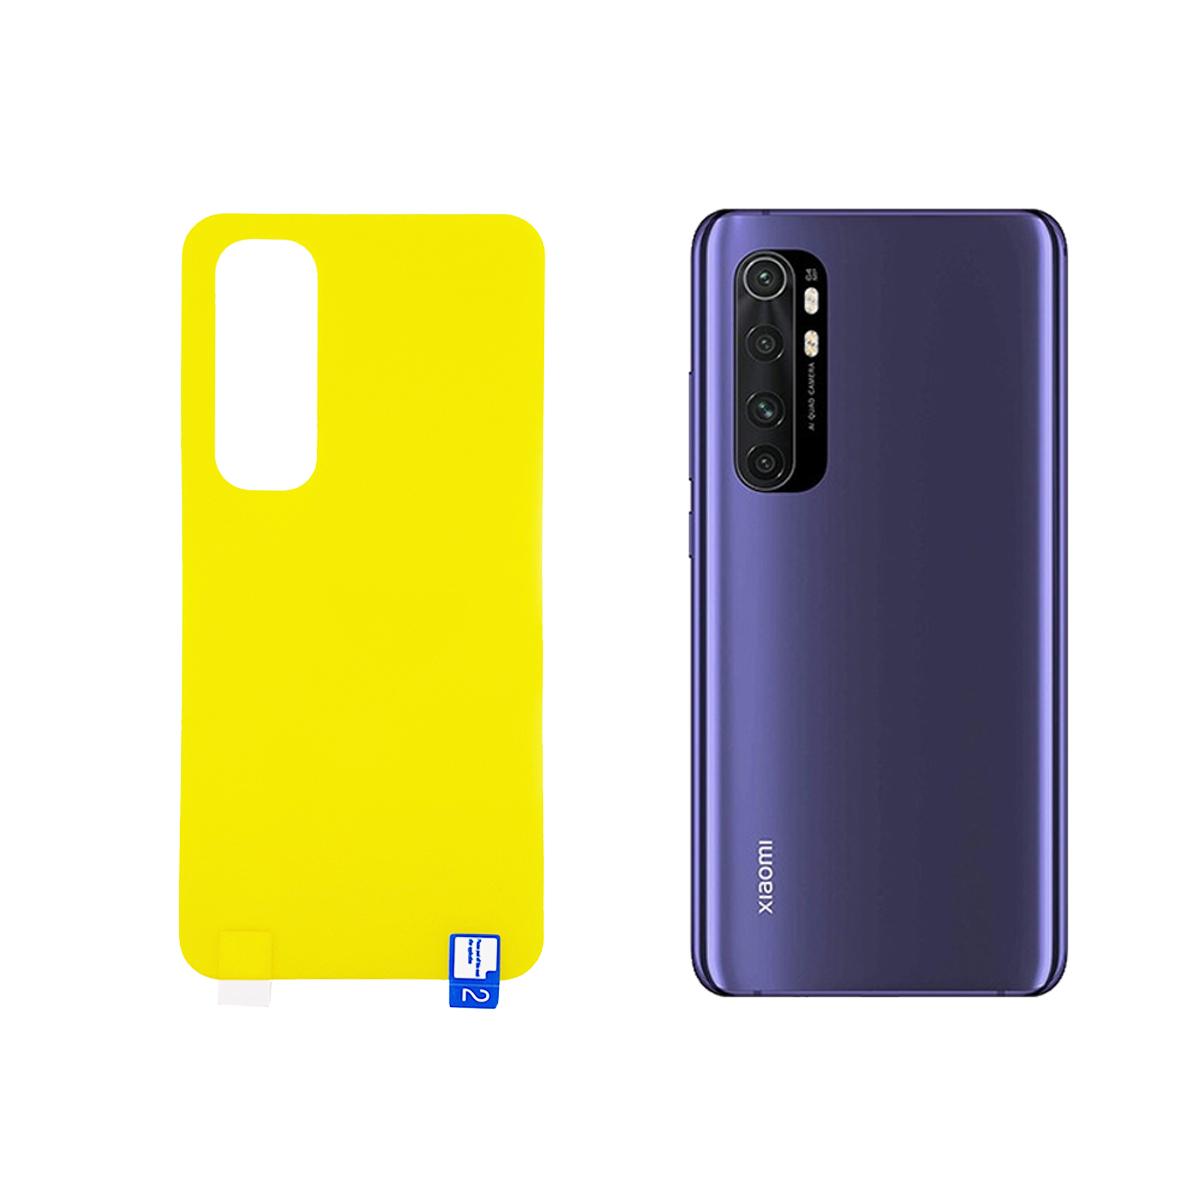 محافظ پشت گوشی مدل BP01pl مناسب برای گوشی موبایل شیائومی Mi Note 10 lite